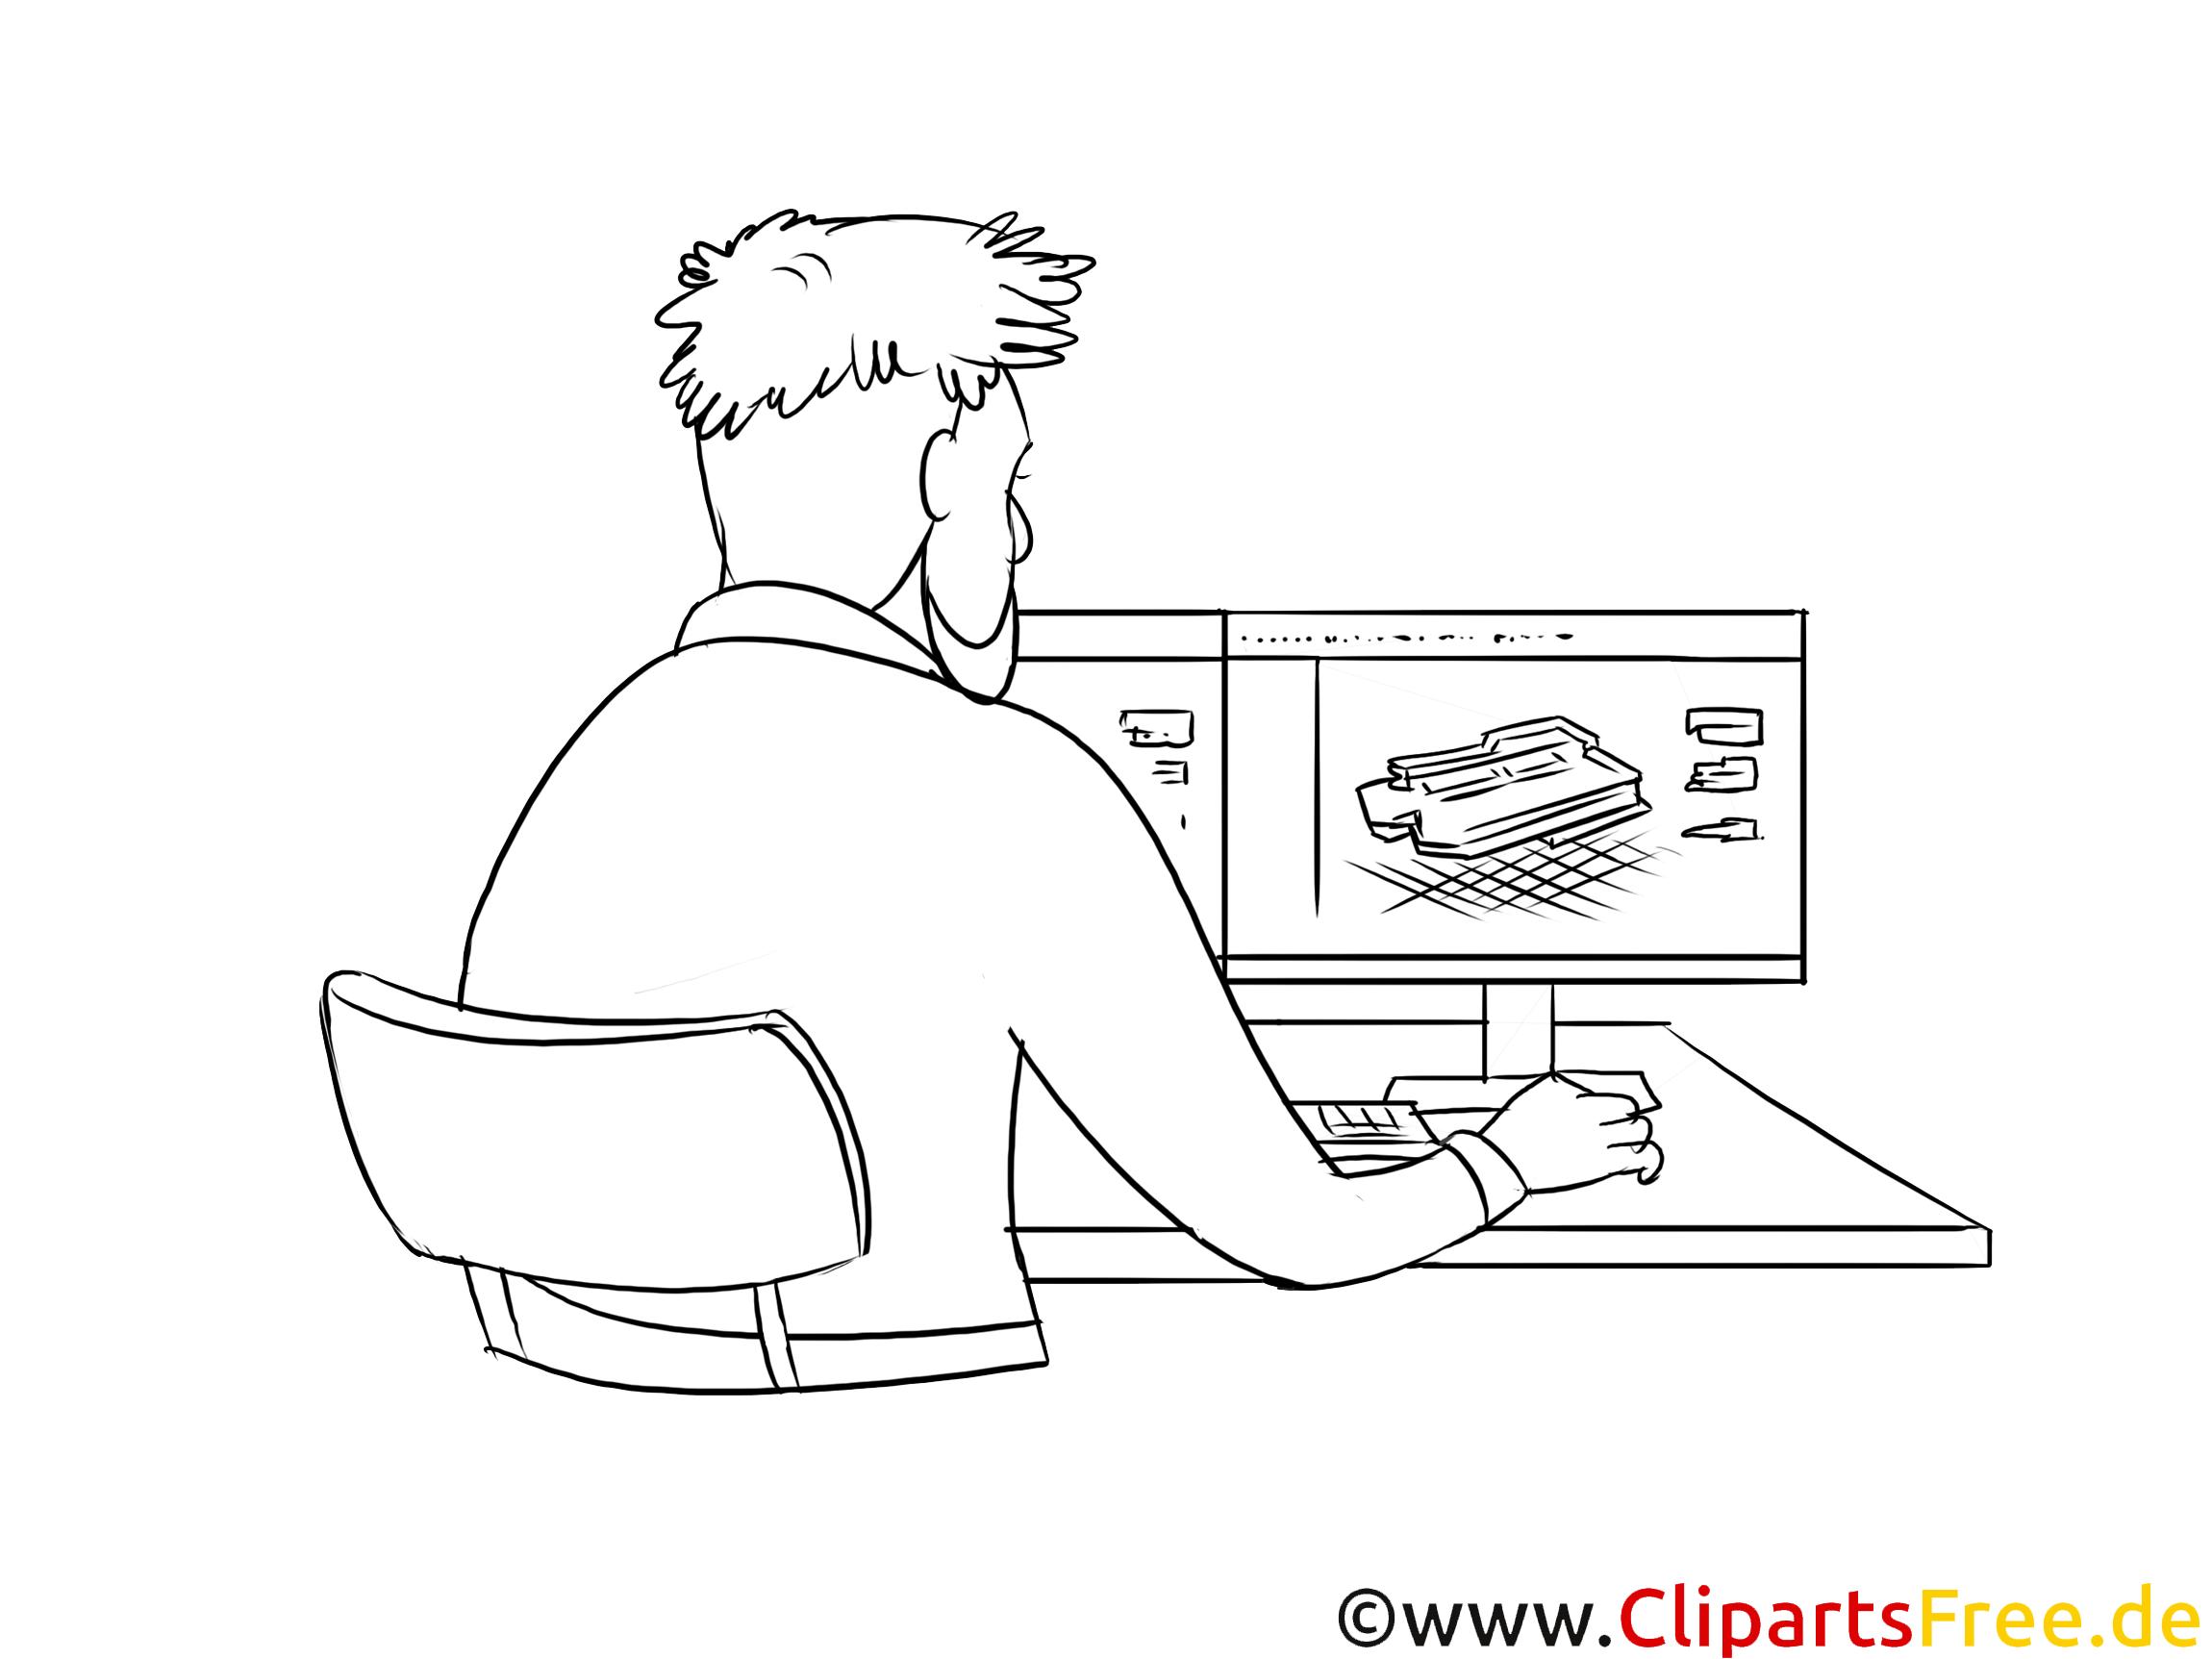 Technische Systemplaner druckbare schwarz-weiße Cliparts, Grafiken kostenlos